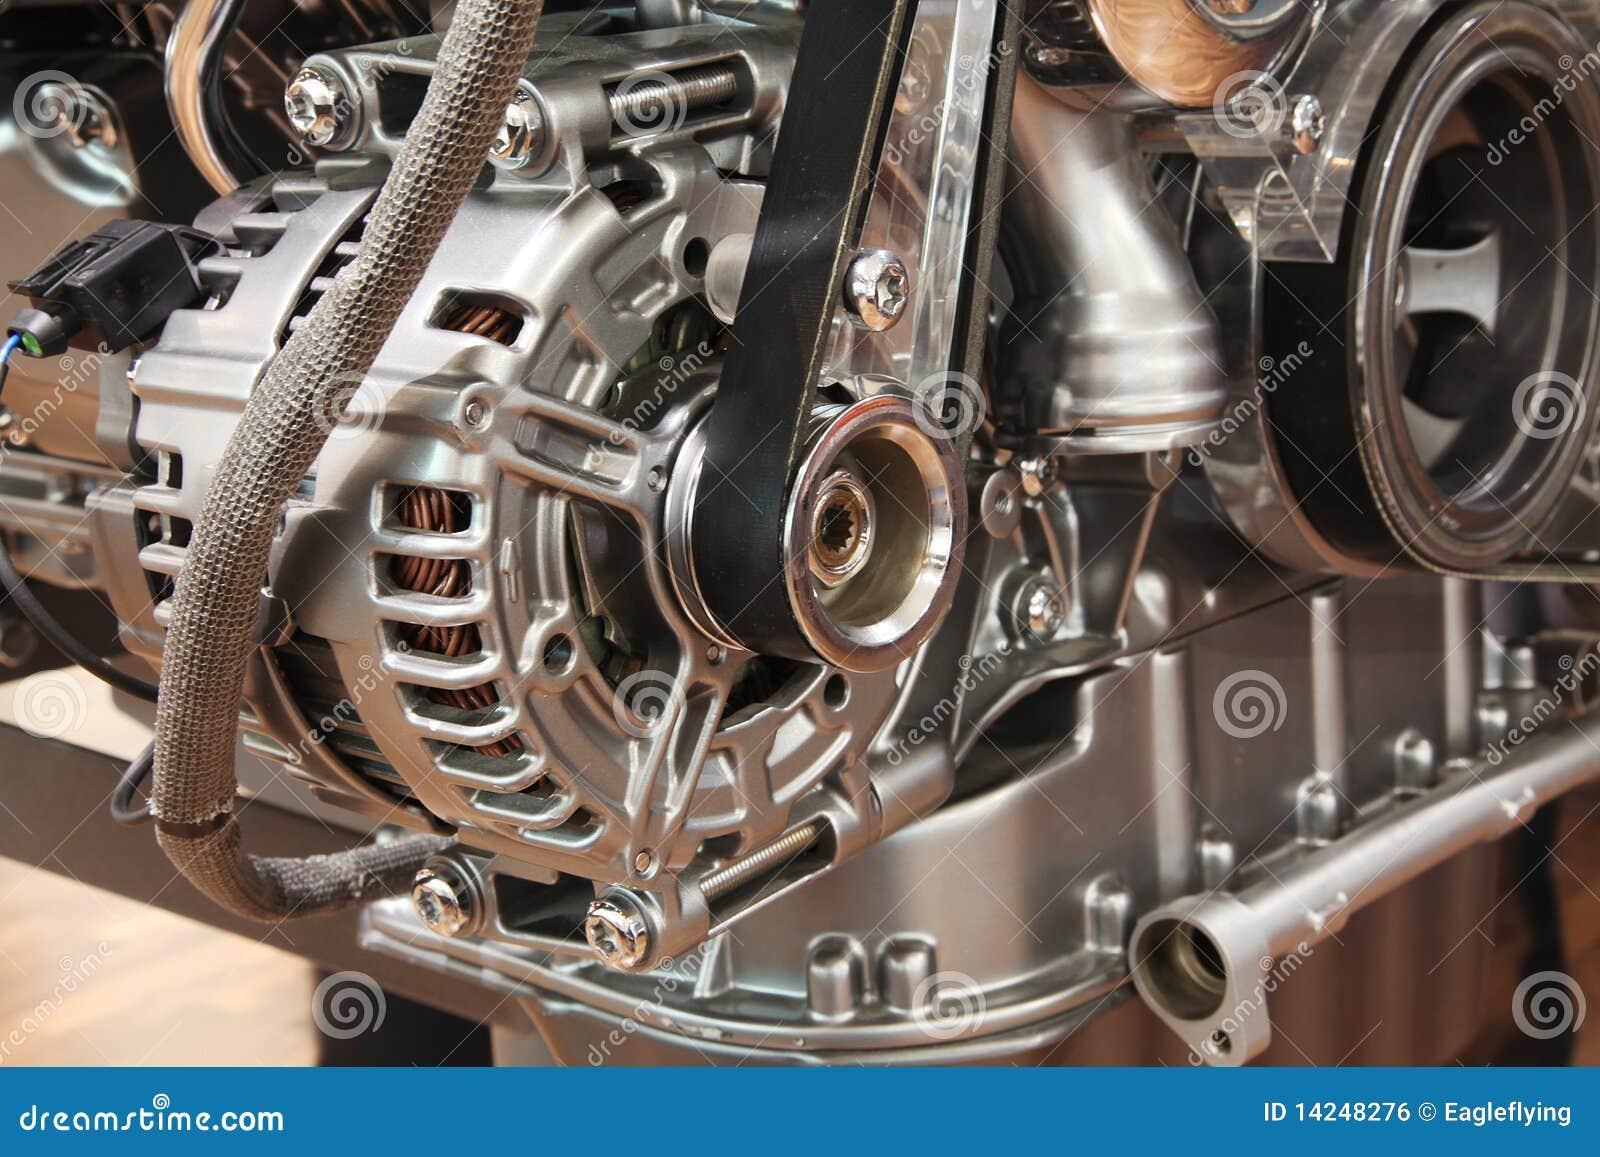 Closeup of a car alternator